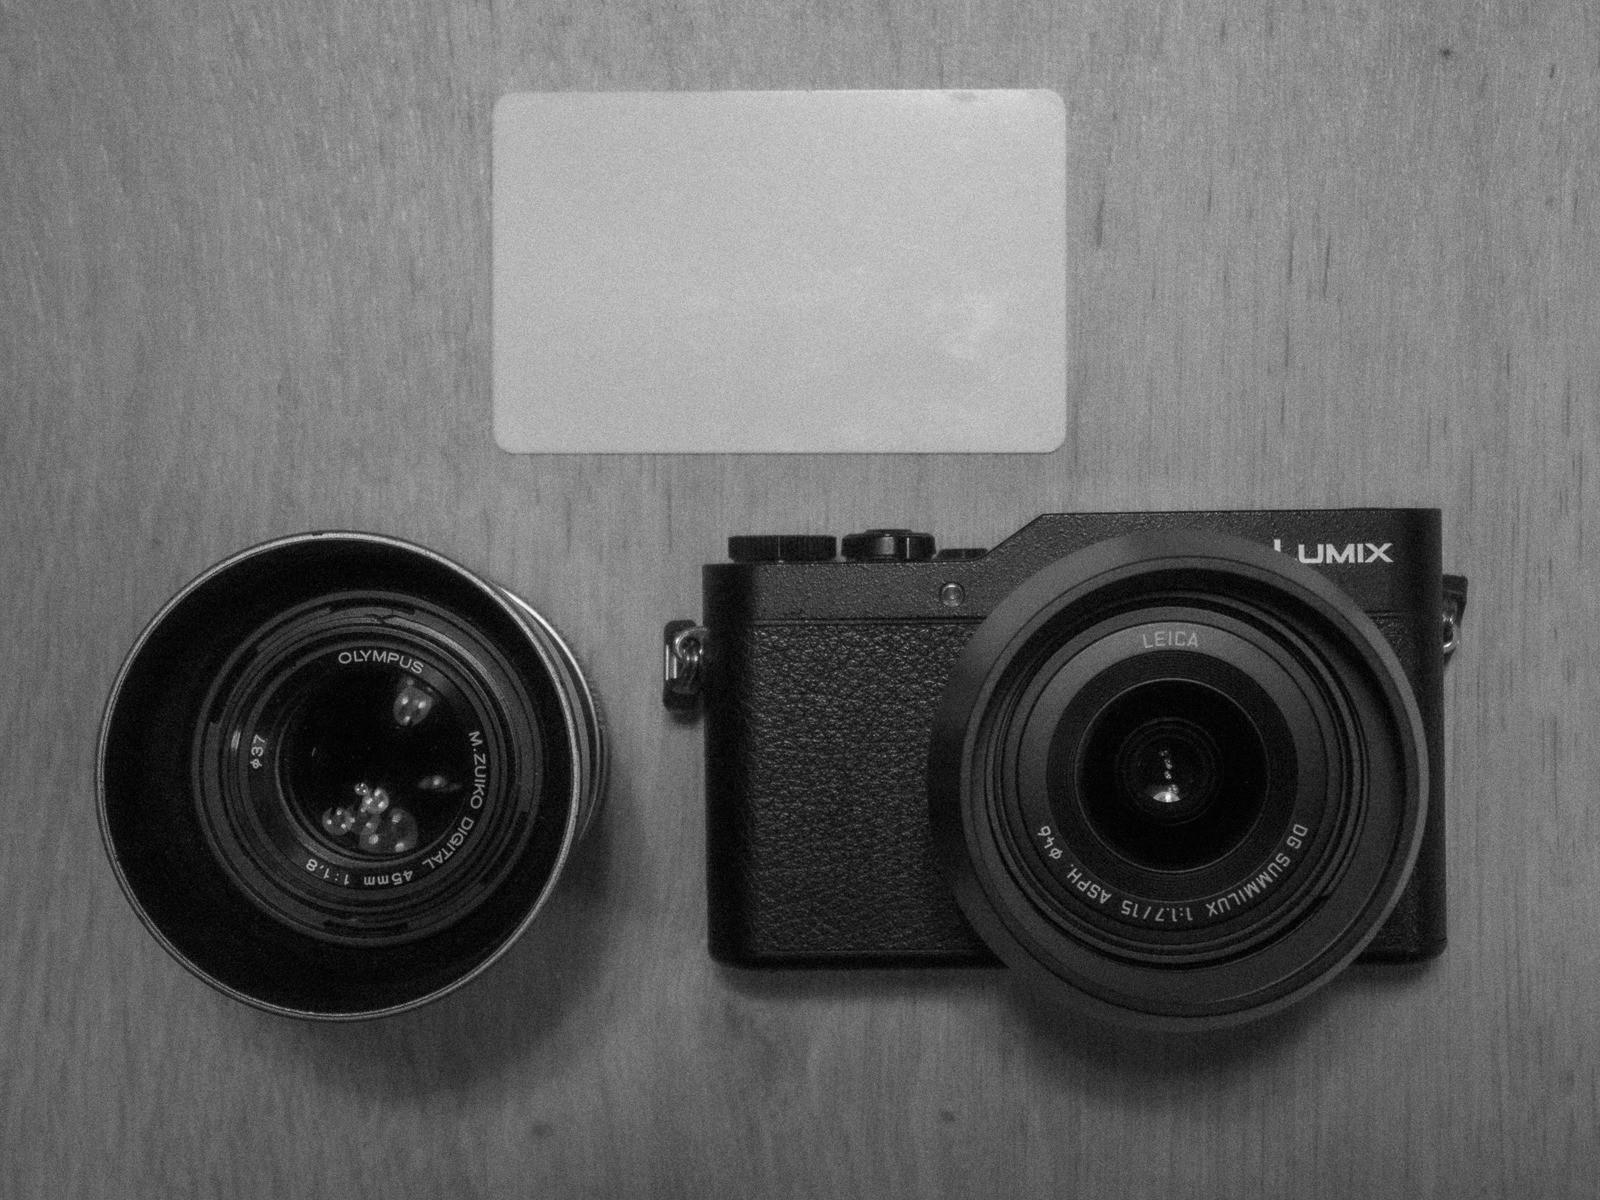 Panasonic Lumix GX-800